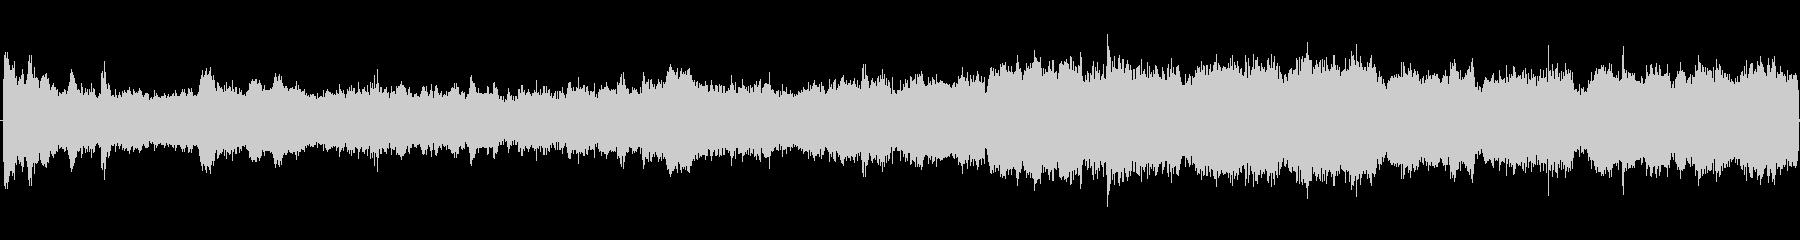 オーケストラオープニングファンタジーの未再生の波形